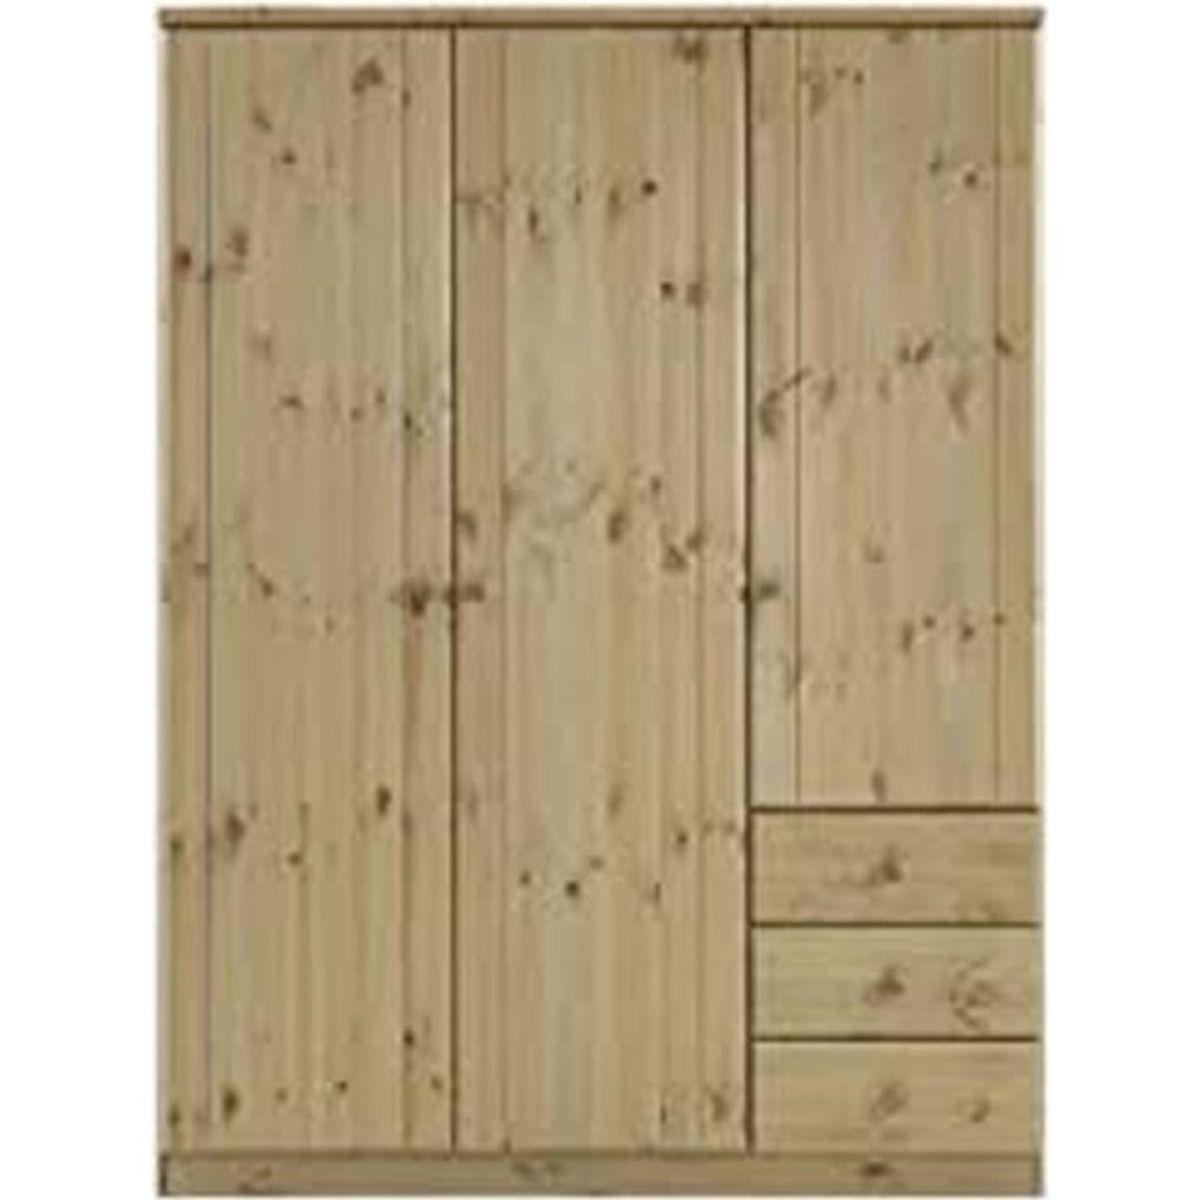 armoire avec 3 portes coloris naturel en pin massif dim 202 x 151 x 60 cm achat vente. Black Bedroom Furniture Sets. Home Design Ideas